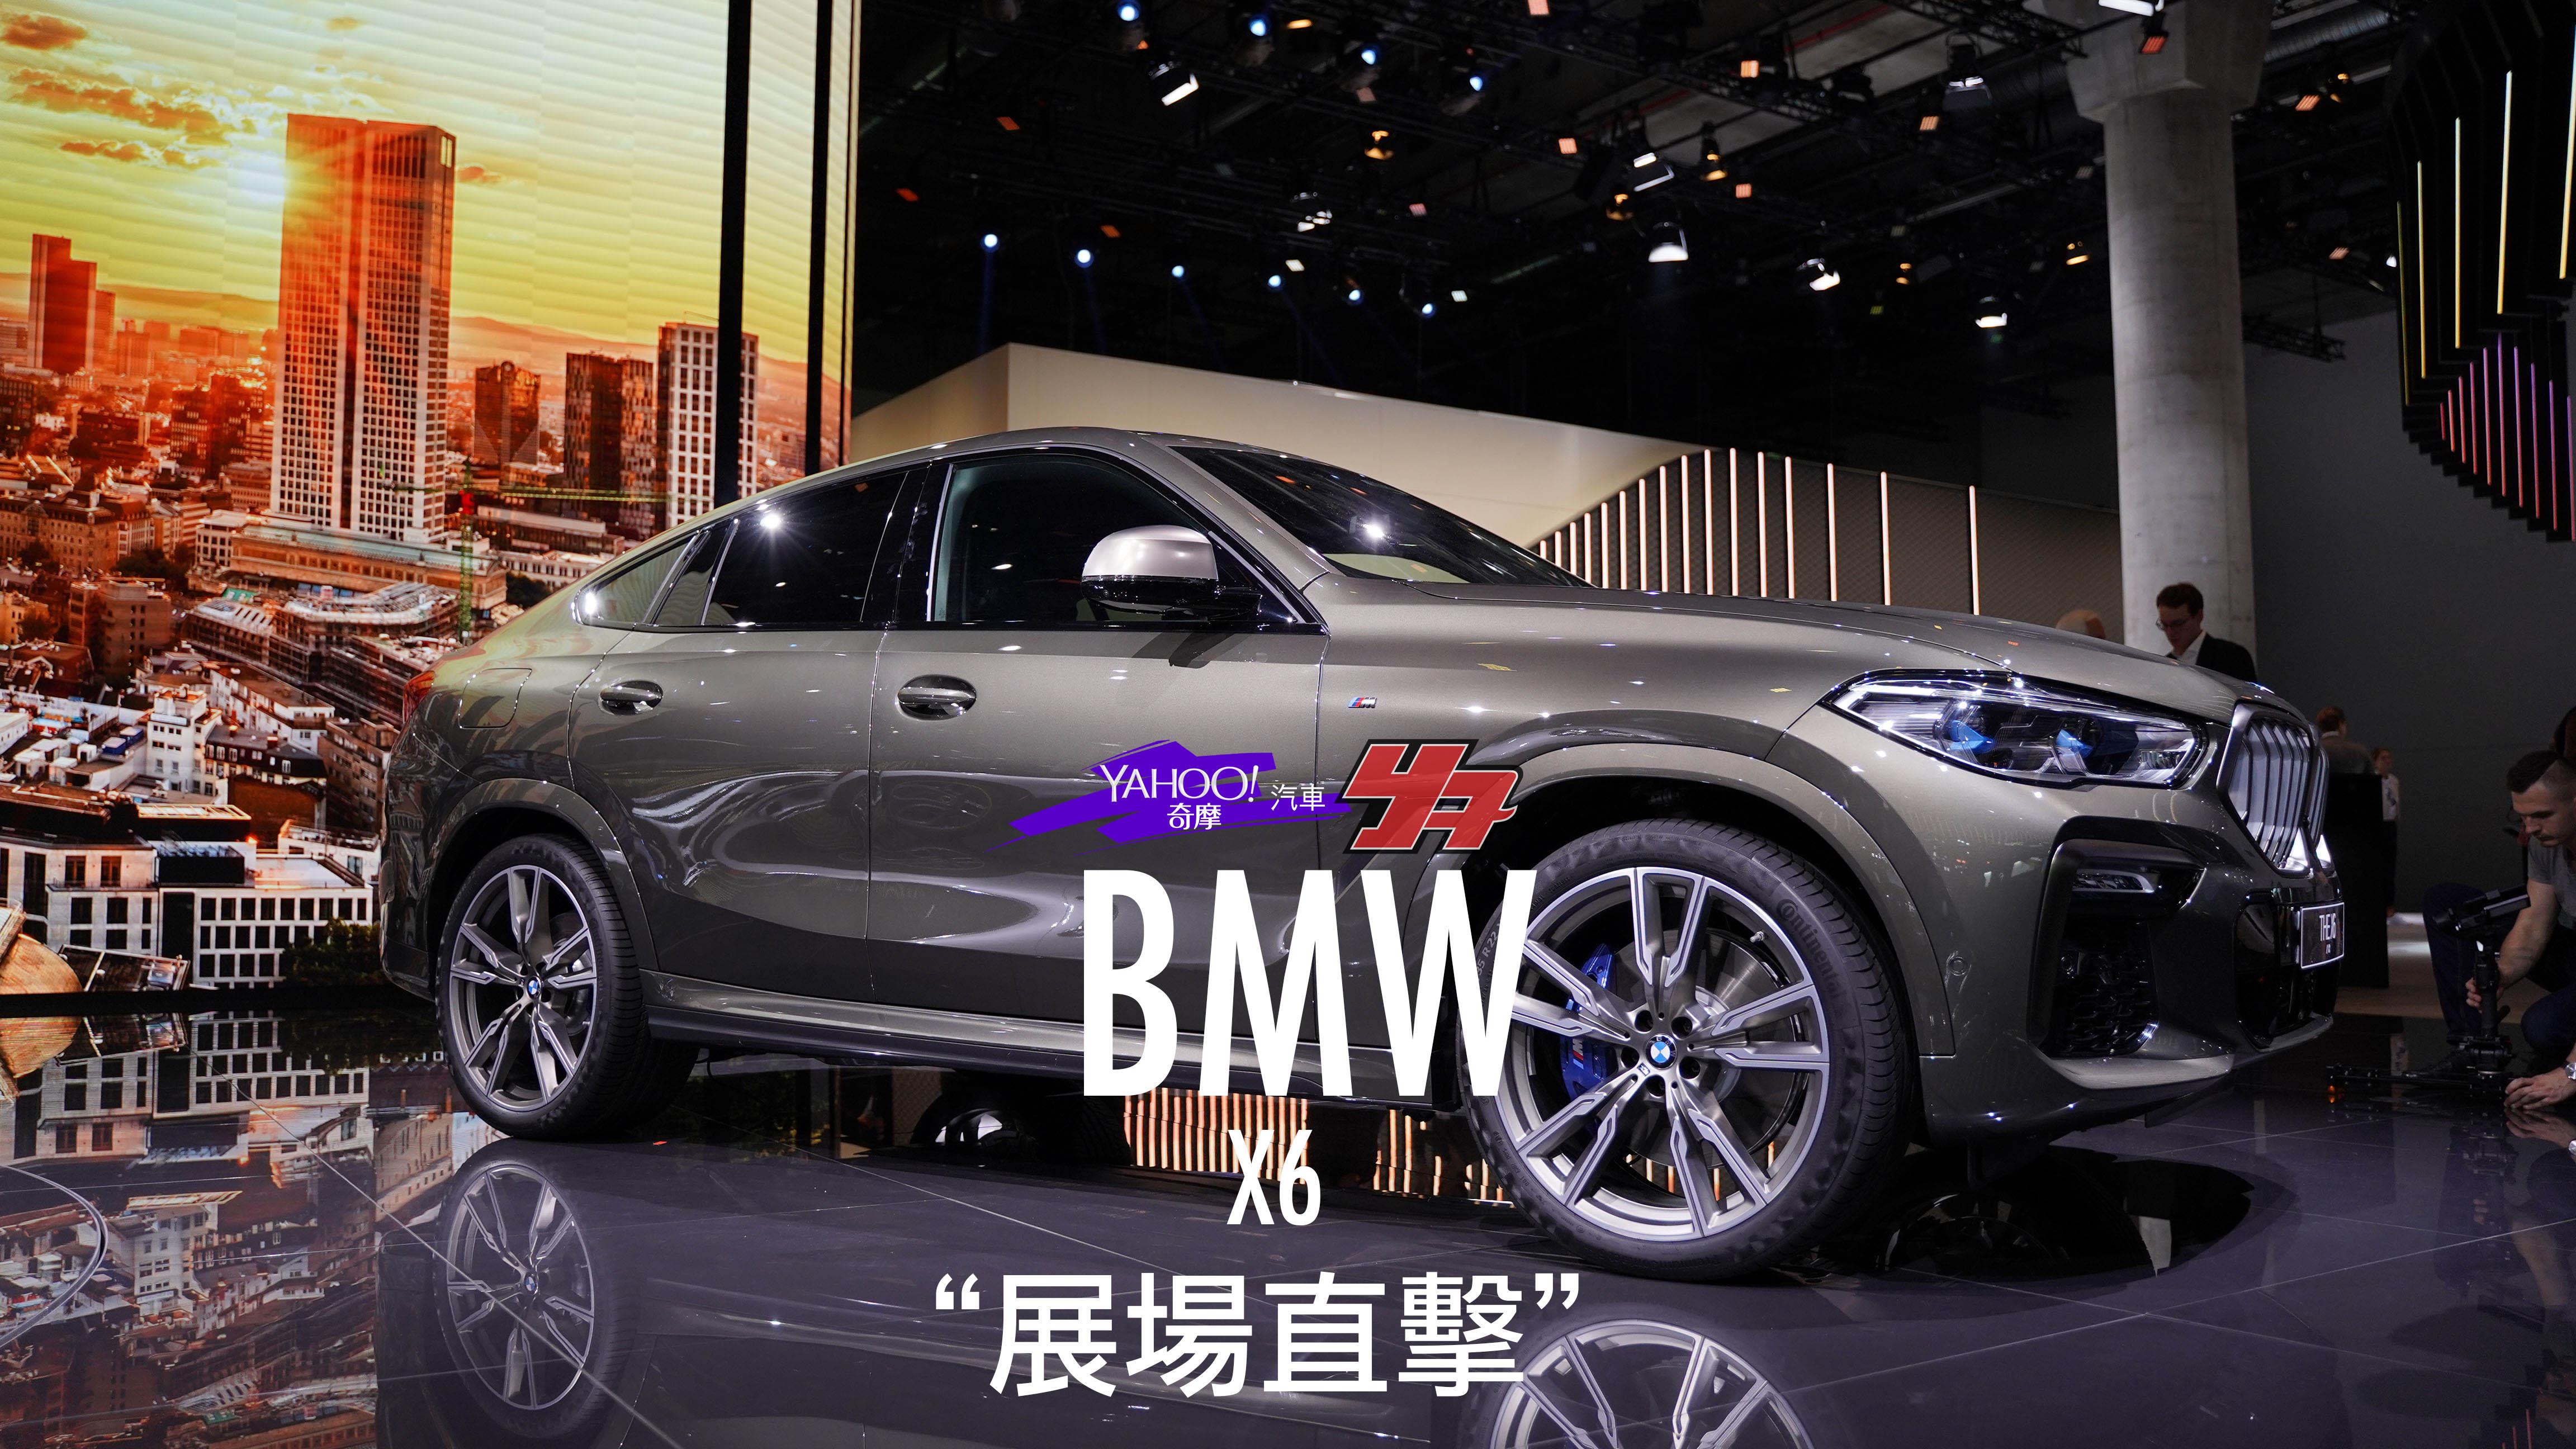 【2019法蘭克福車展直擊】巴伐利亞休旅重砲 全新第3代BMW X6狂野來襲